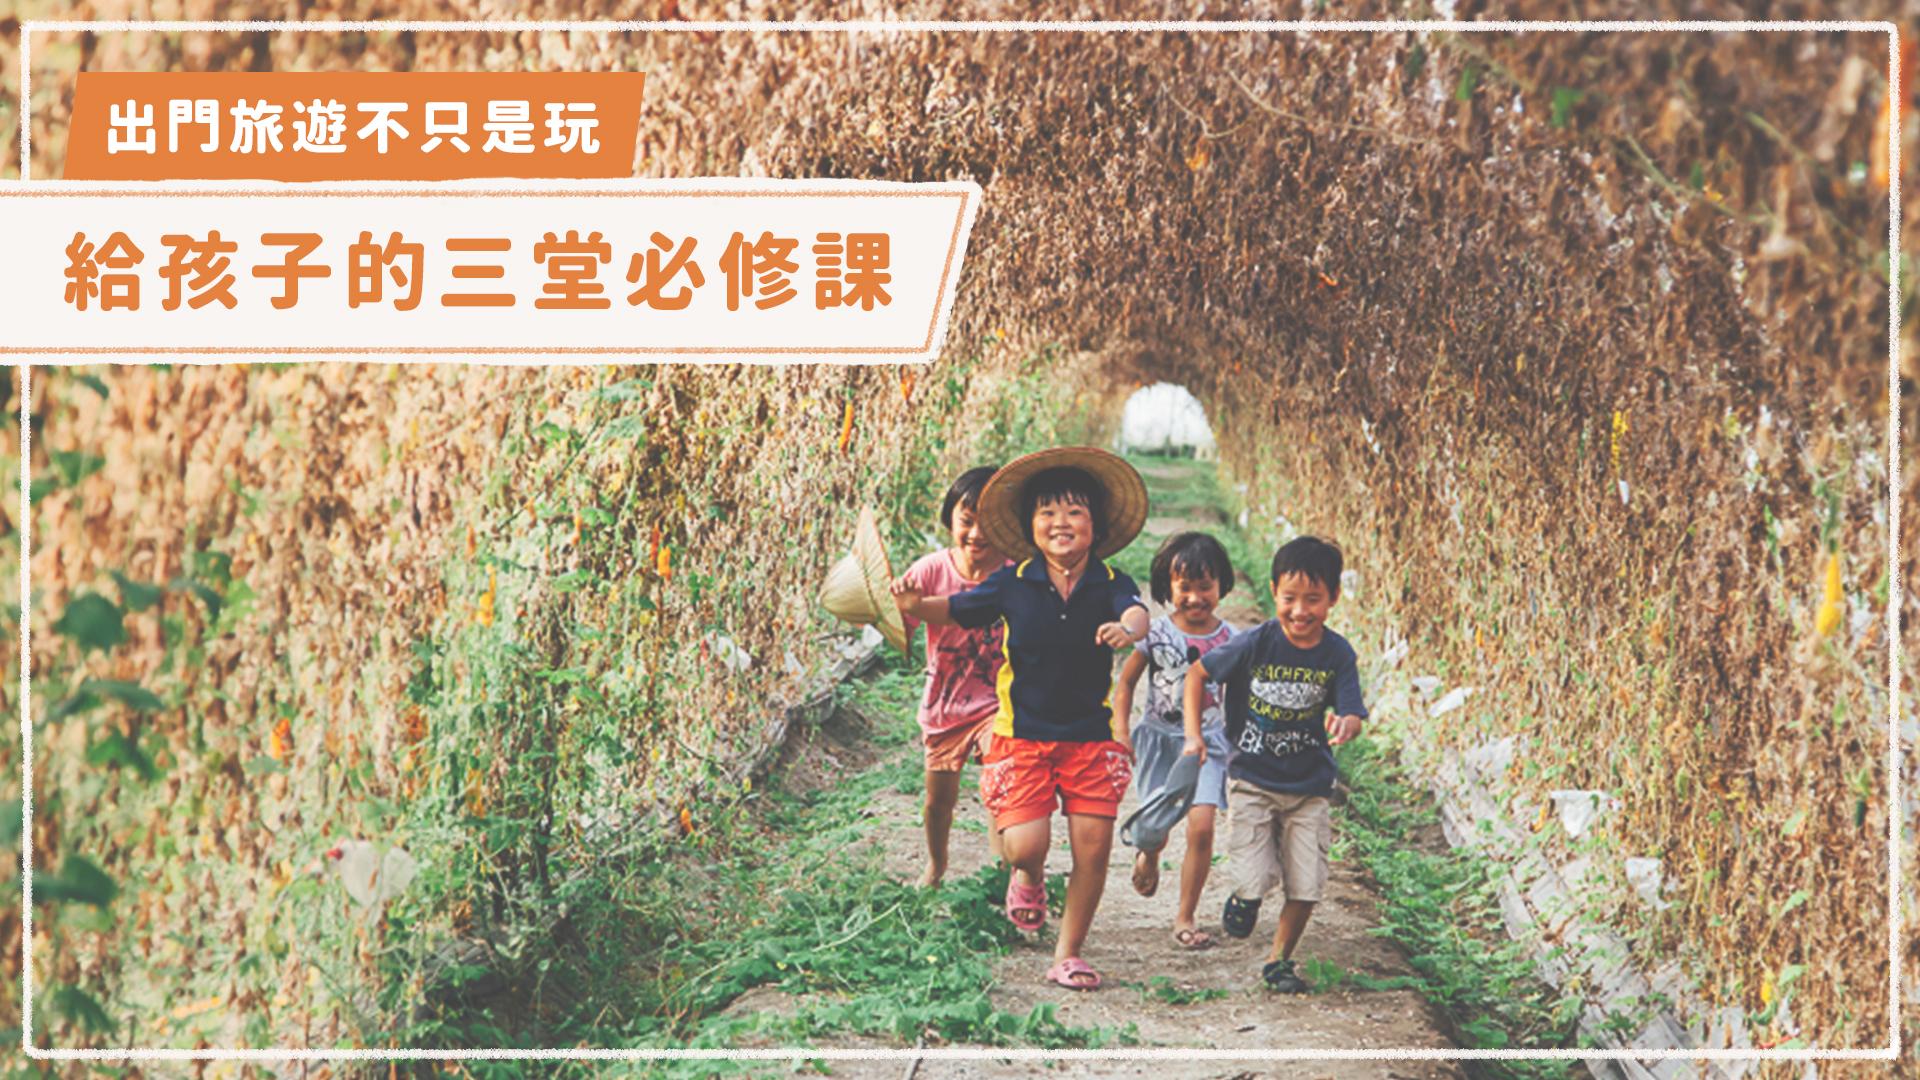 出門旅遊不只是玩!給孩子的三堂必修課